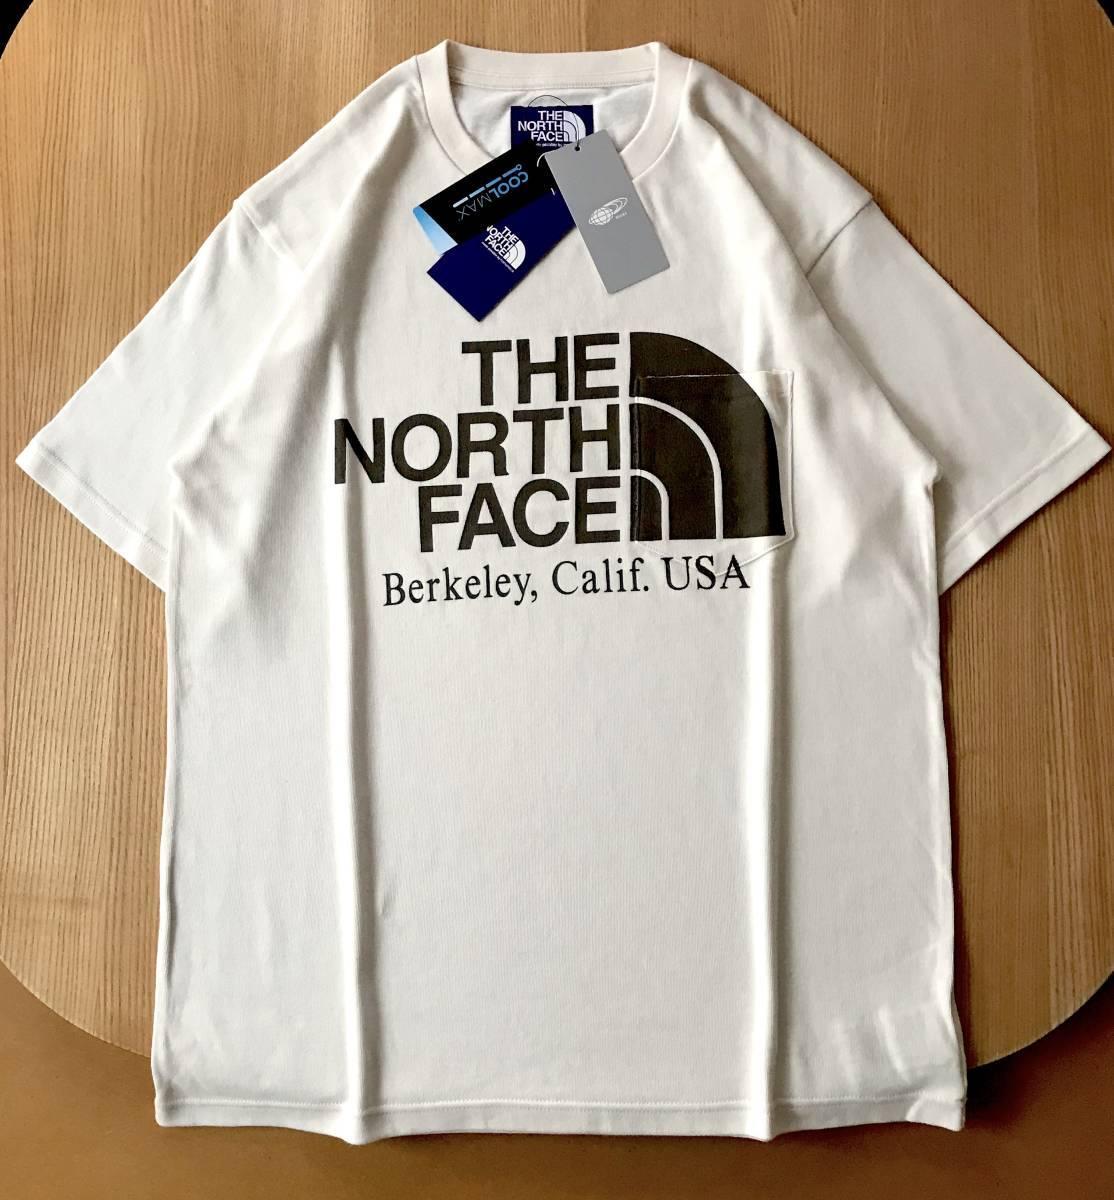 別注 限定色★ THE NORTH FACE PURPLE LABEL 別注 BEAMS BOY / ベージュ / L / H/S Logo Pocket Tee ノースフェイス ビームス Tシャツ_画像1